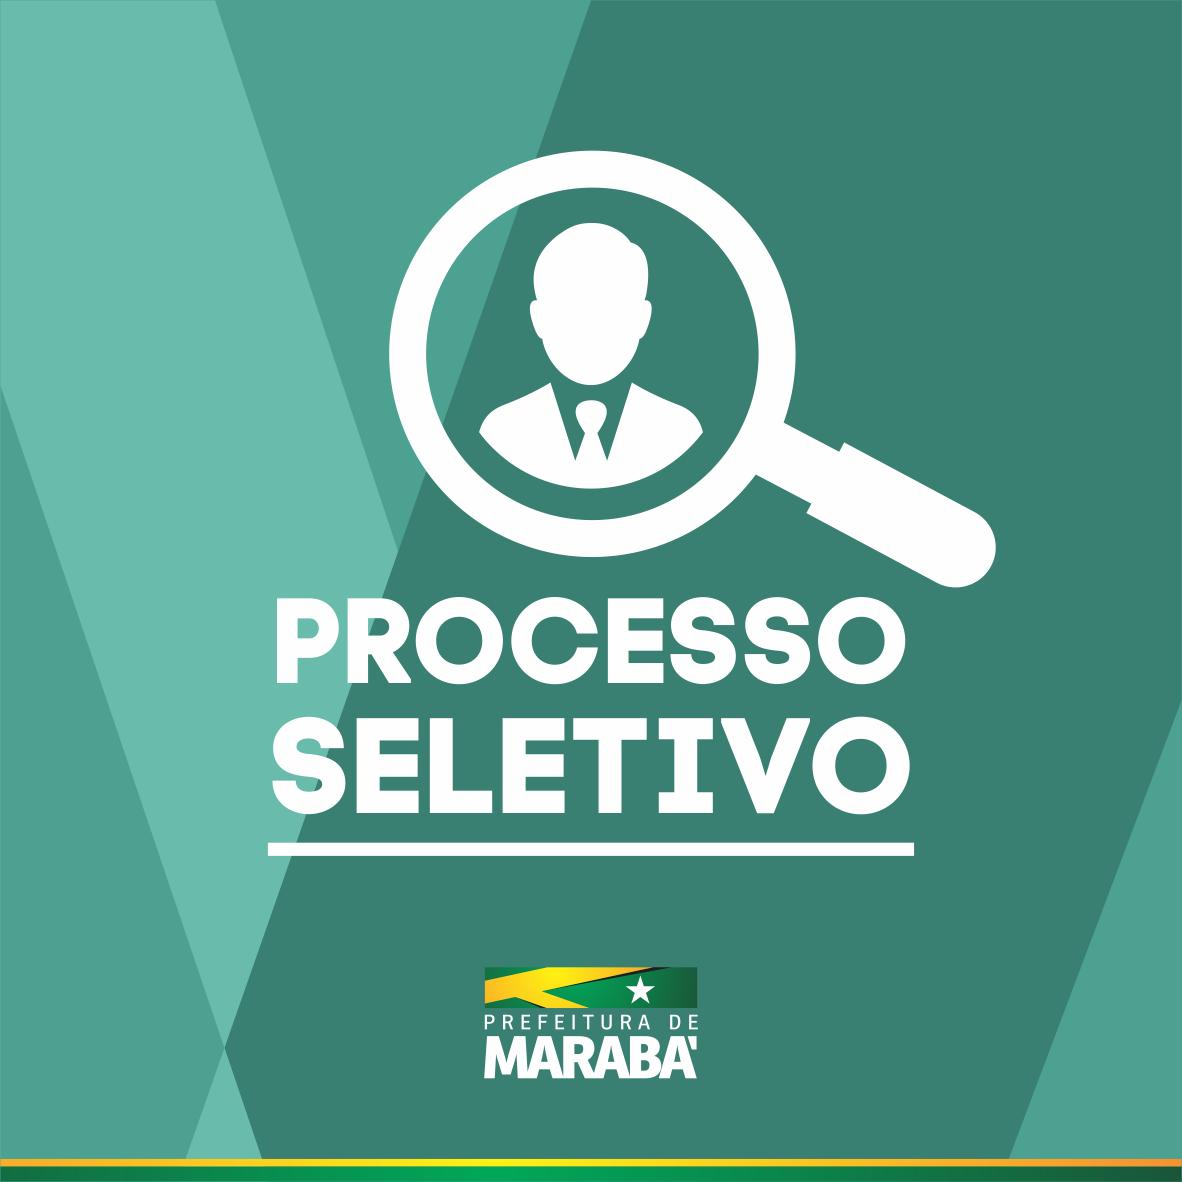 PROCESSO SELETIVO: SEMED CONVOCA CLASSIFICADO AO CARGO DE MOTORISTA